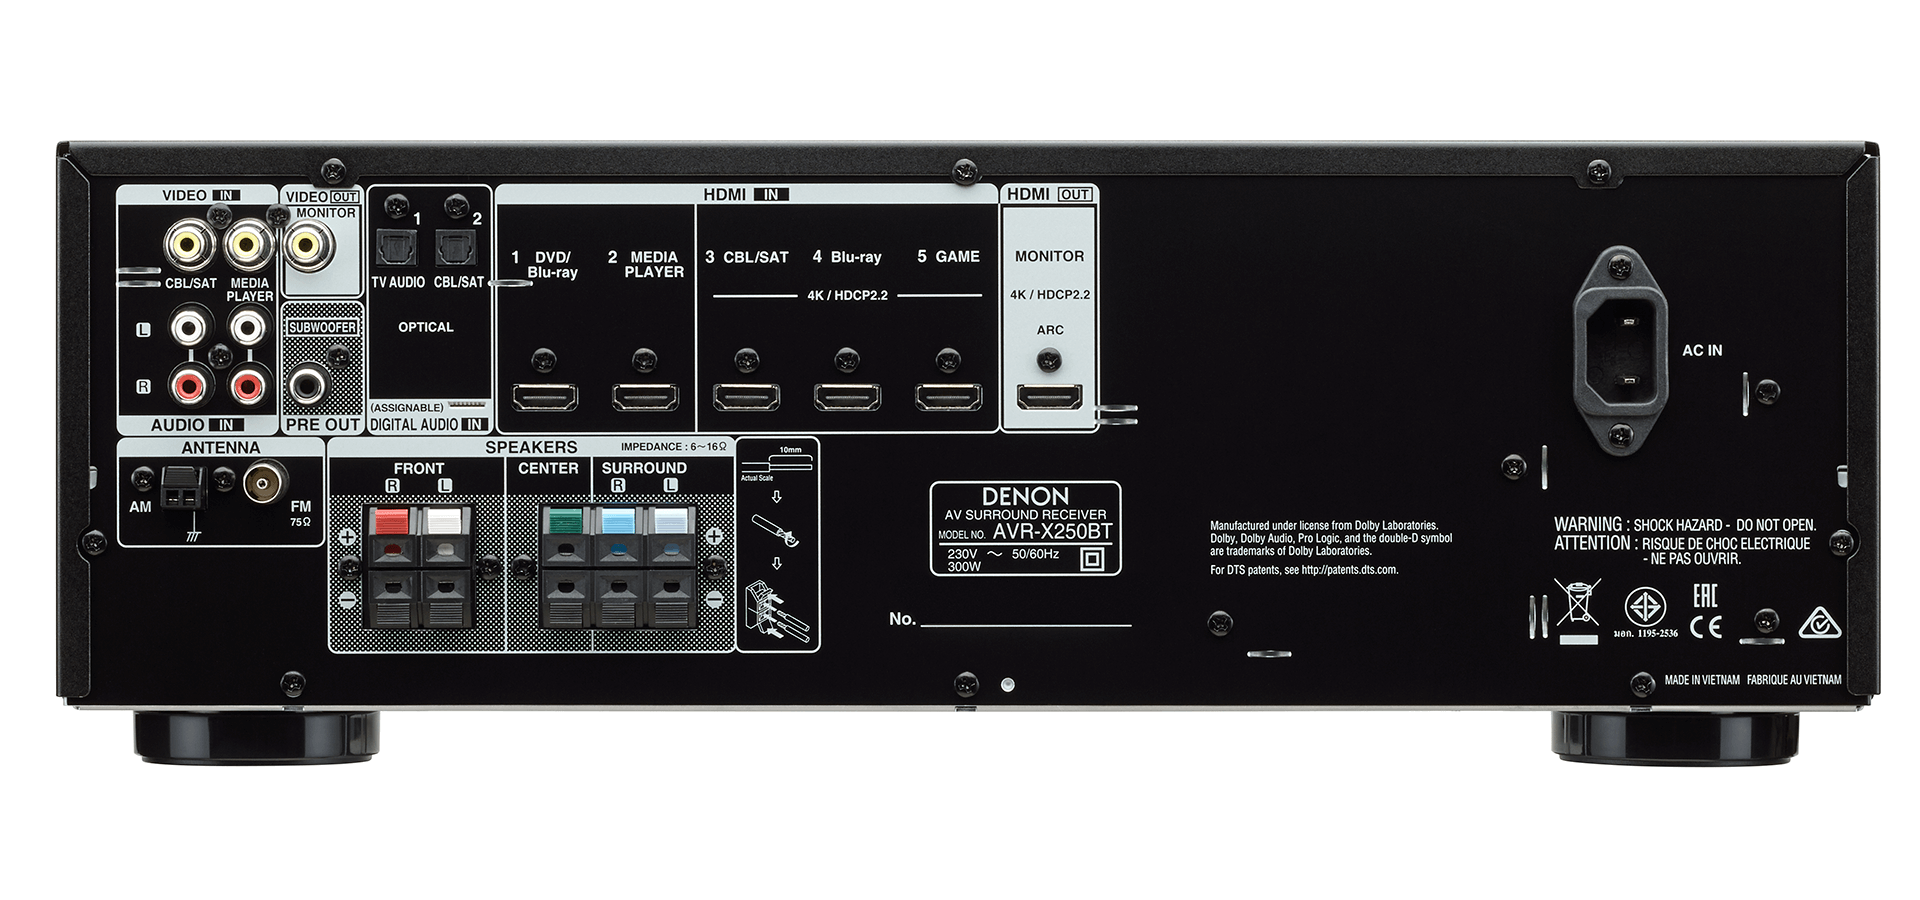 Las conexiones físicas del Denon X250BT, al dorso